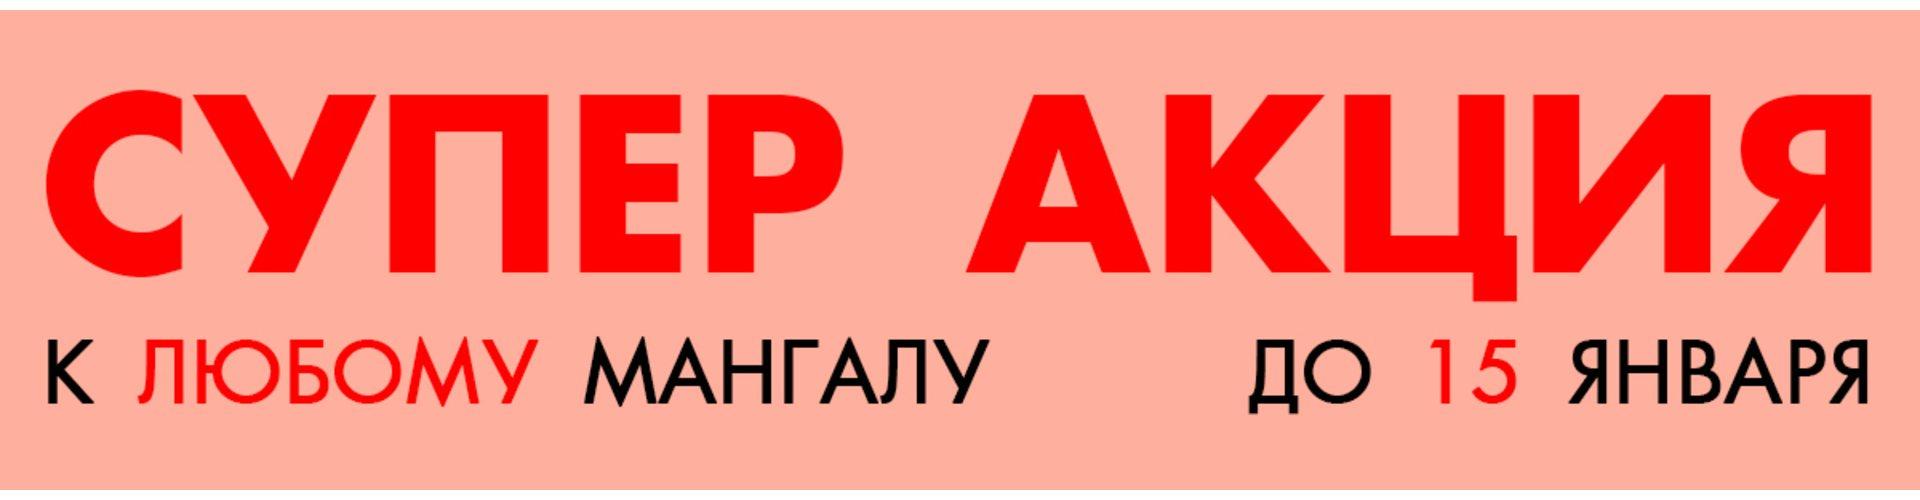 Казан в подарок с 15.01.21 до 22.01.21